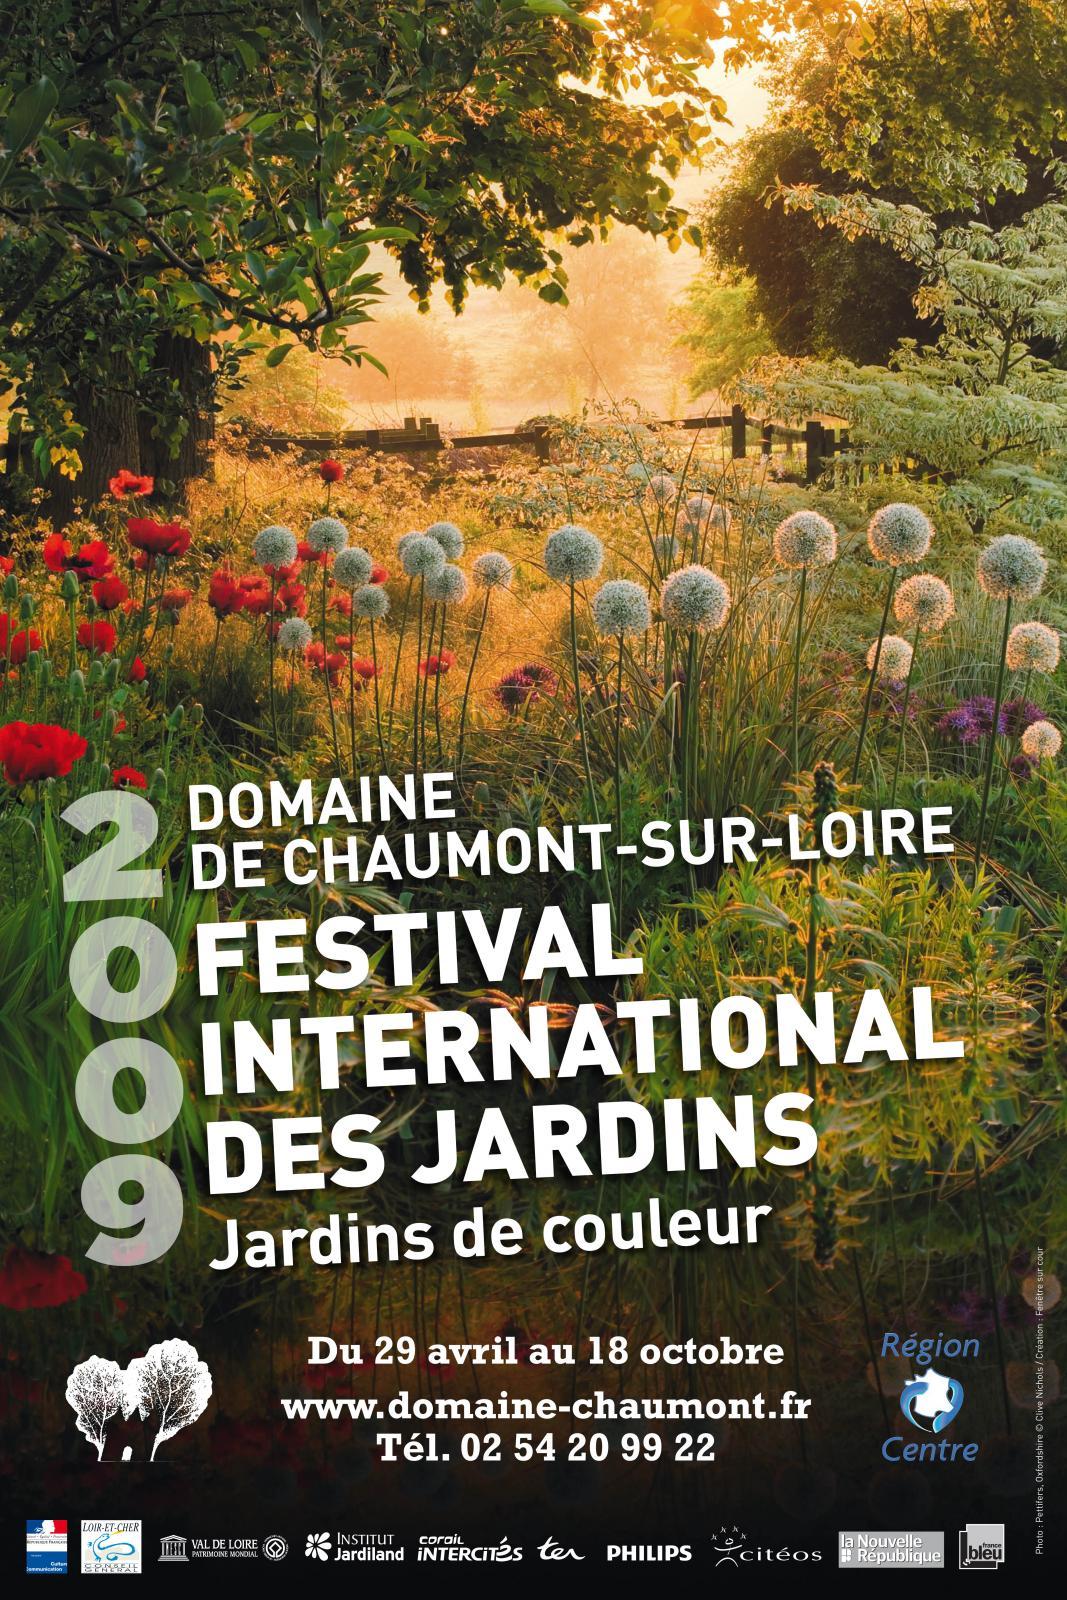 Festival Des Jardins Chaumont Sur Loire 2009 2009 edition - gardens of colour | domaine de chaumont-sur-loire